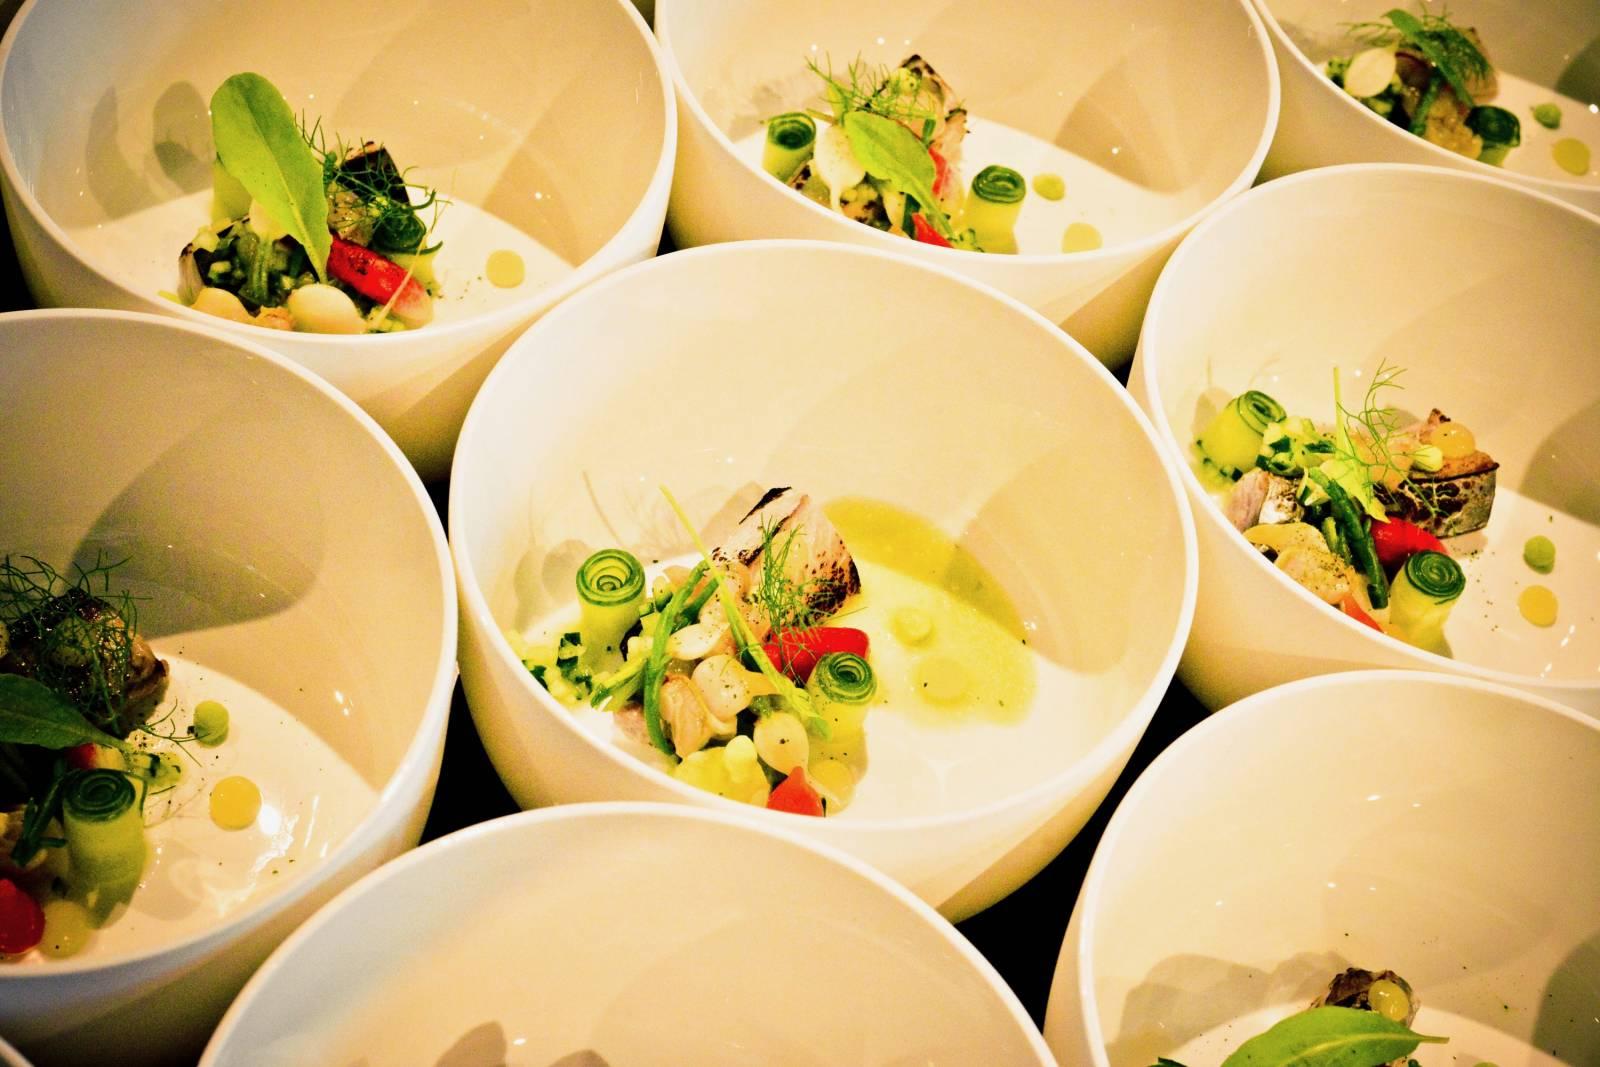 Atelier Ducheyne - Catering - Traiteur - Cateraar - House of Weddings - 4